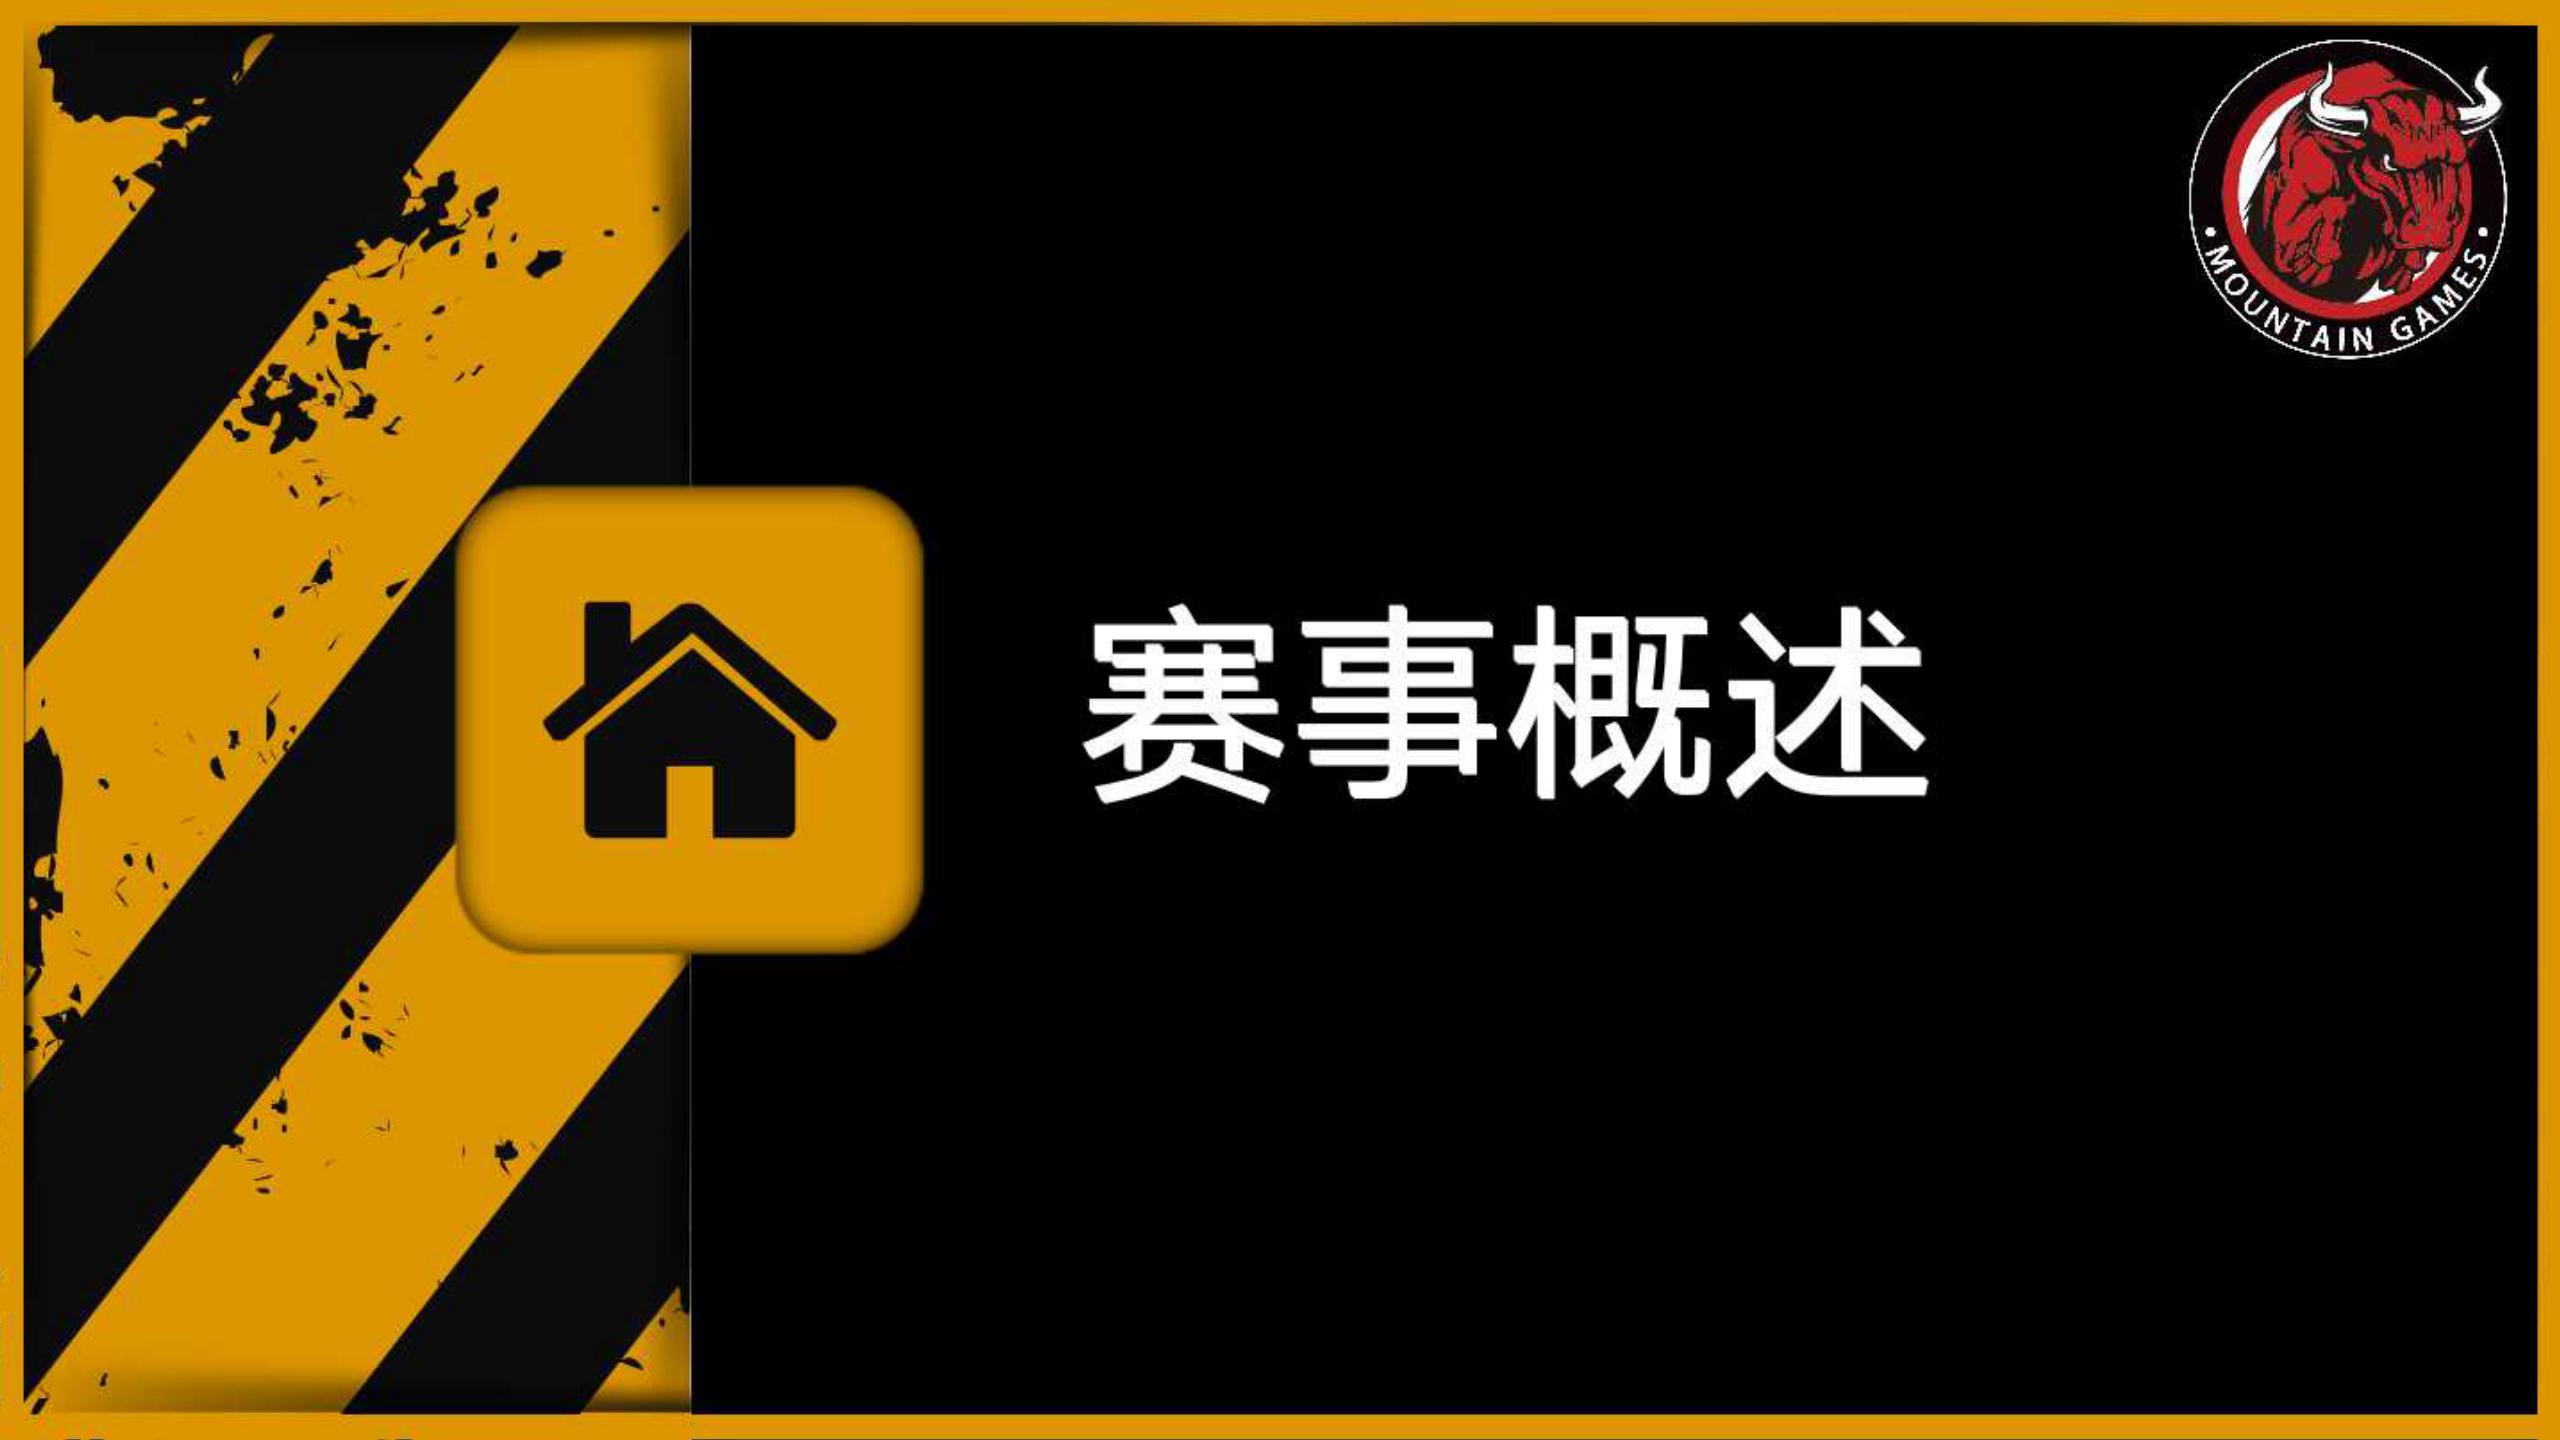 風之谷勇士挑戰賽toB端方案_04